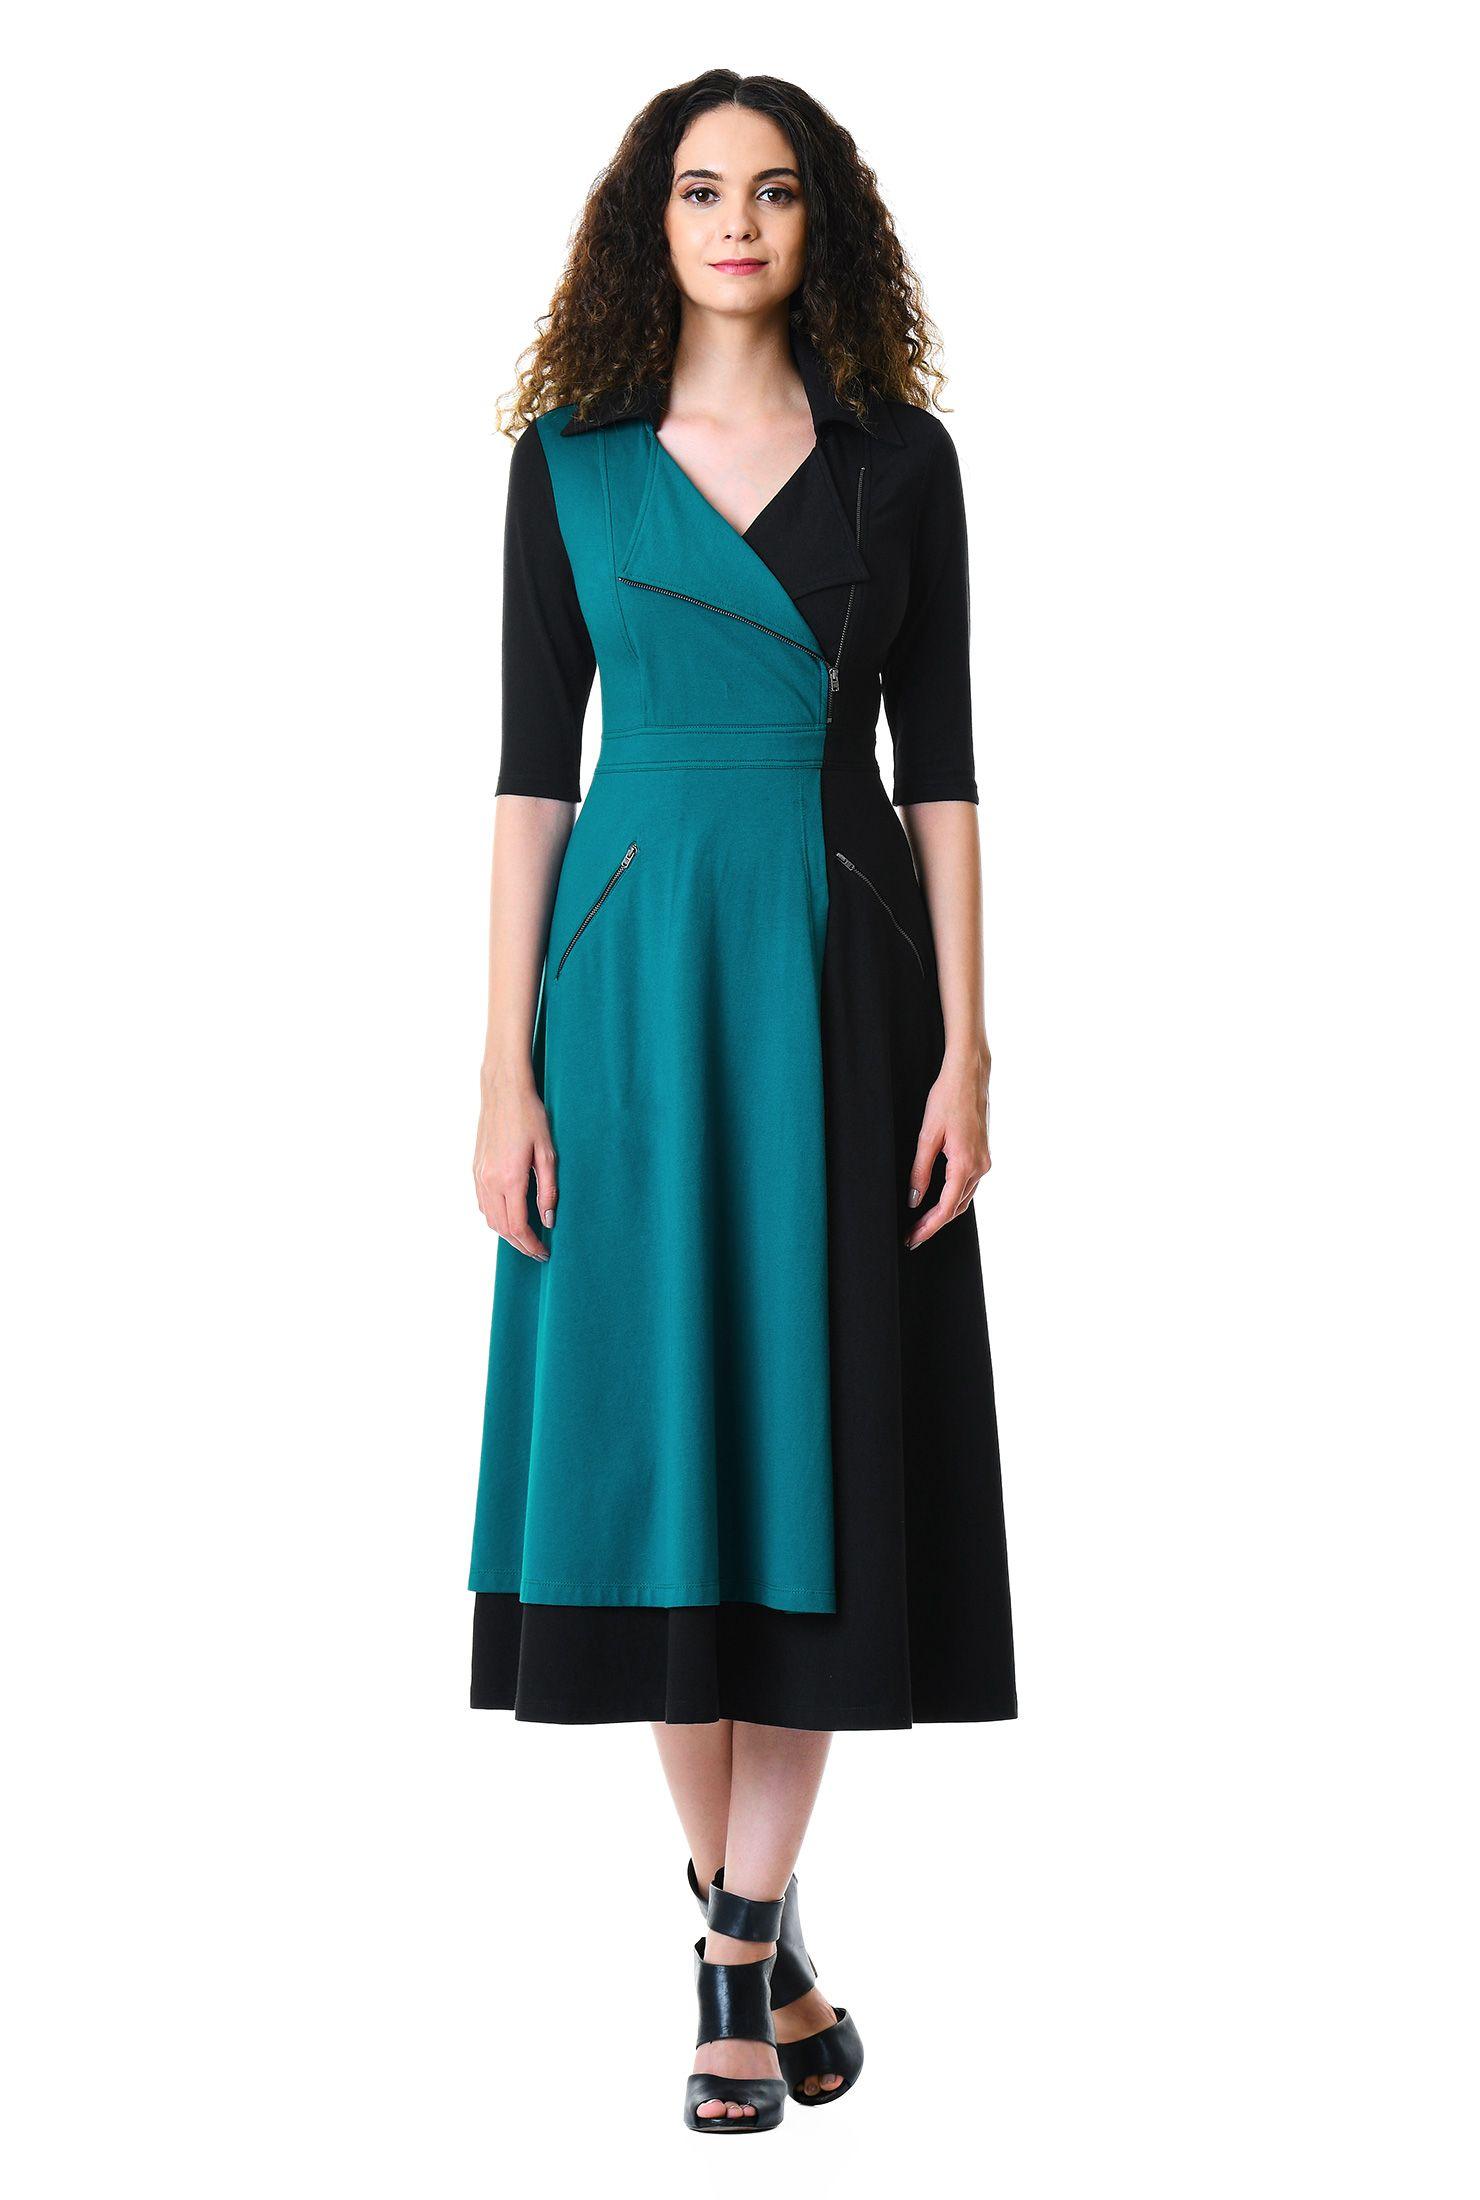 Black Mid Calf Dresses